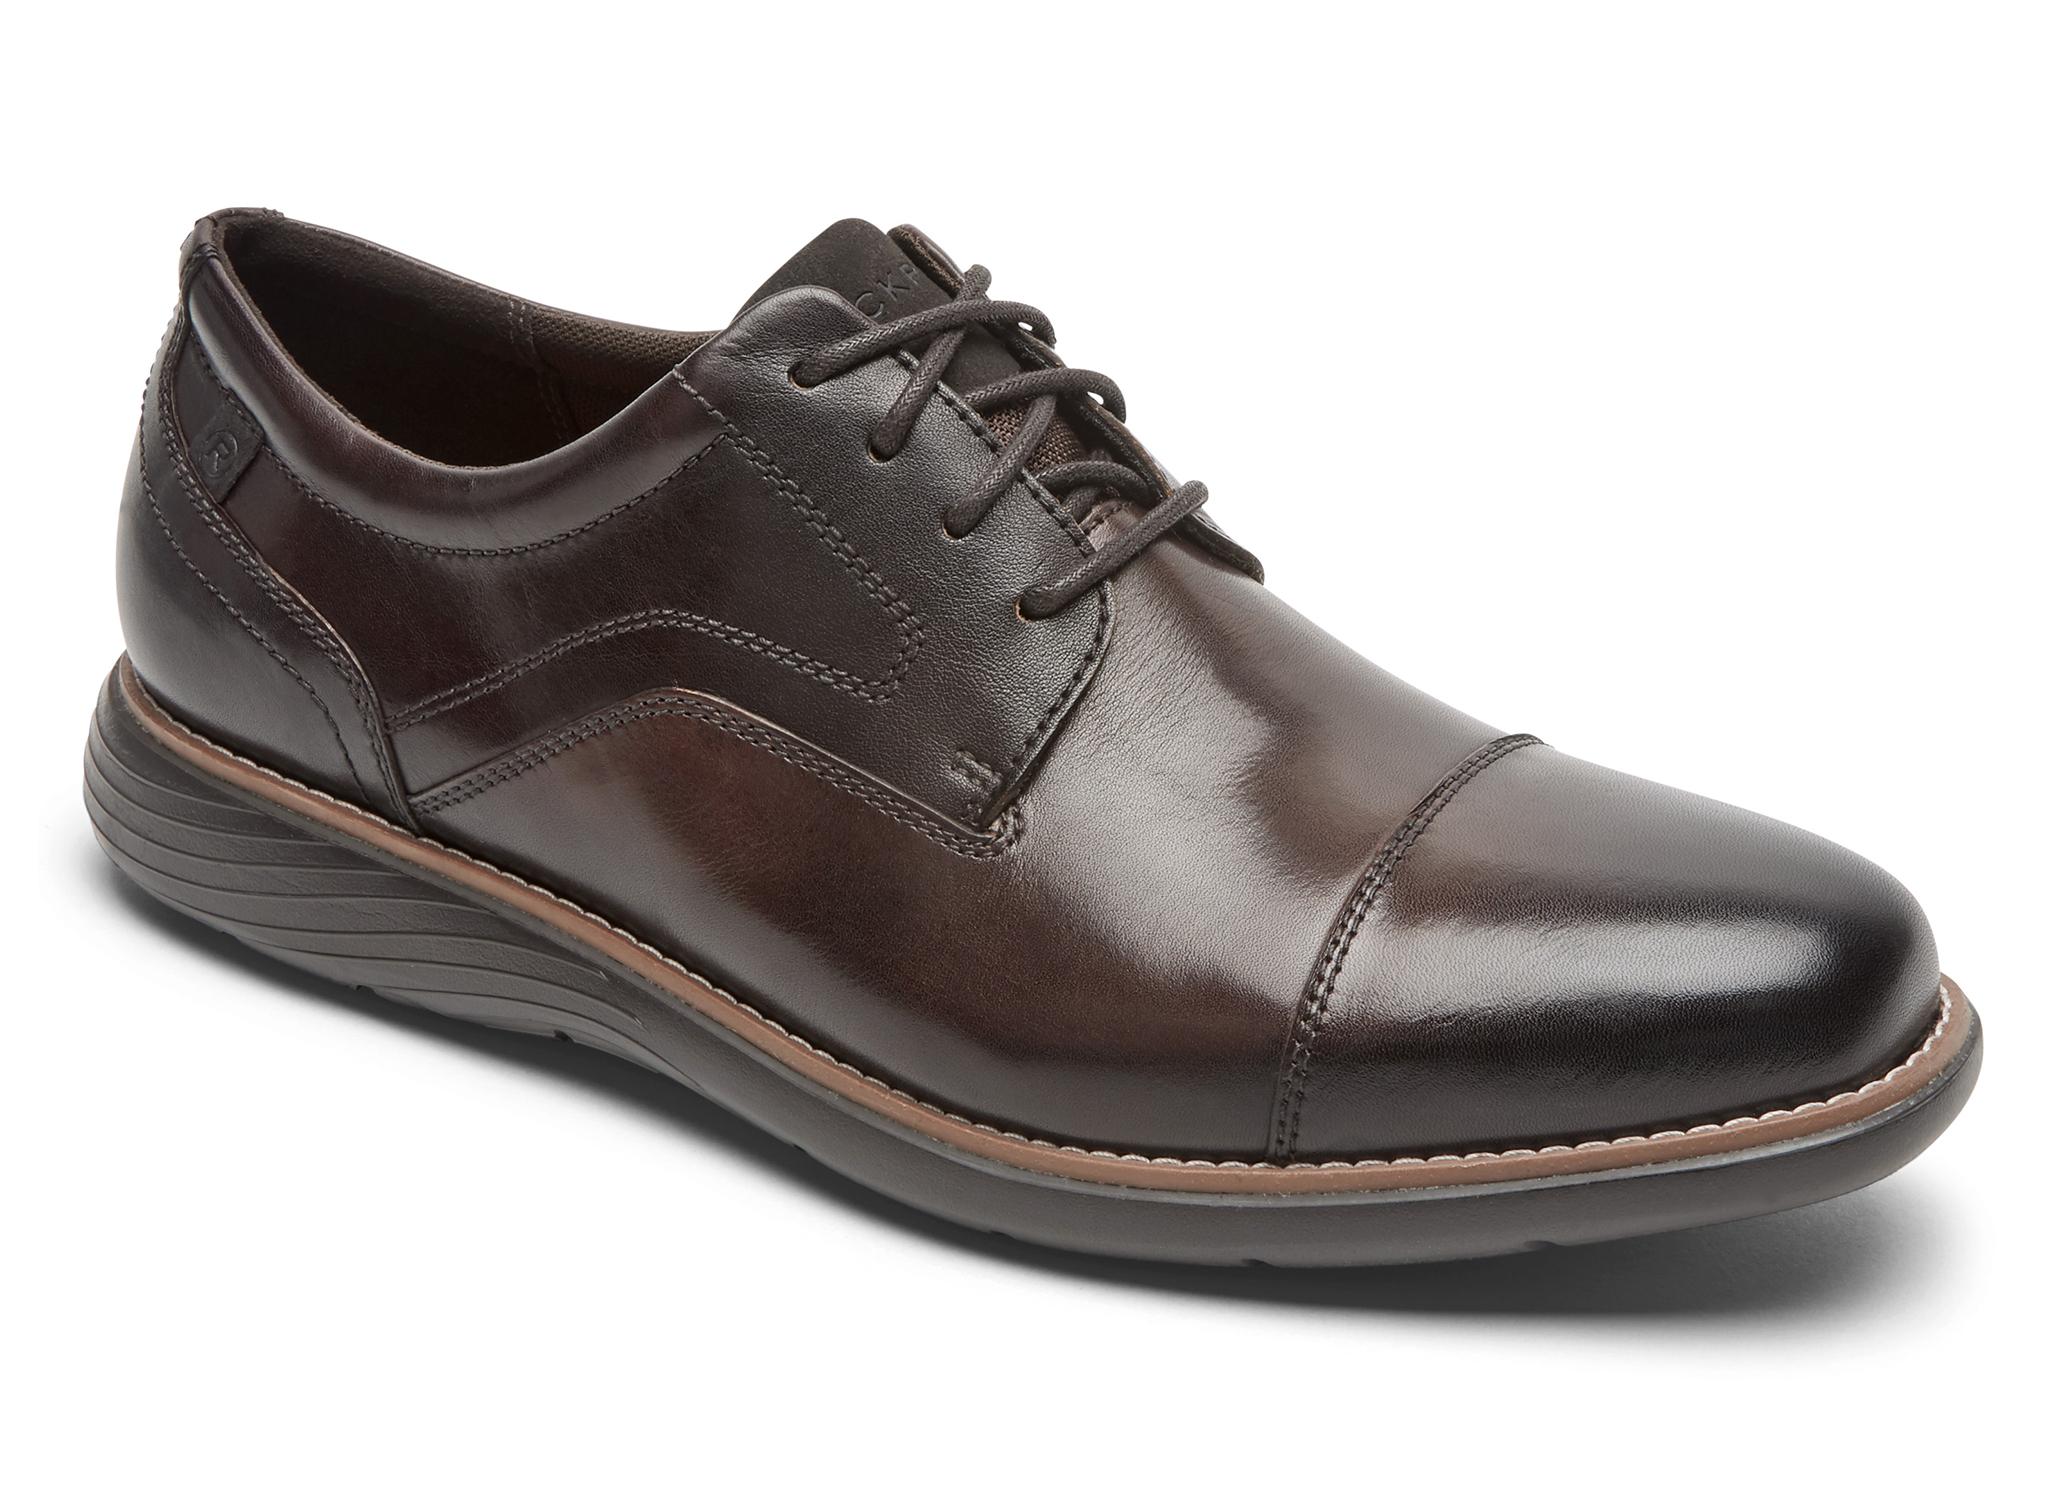 スタンダードな革靴デザインの1つですが、ウェルトに明るいブラウンレザーを採用することでカジュアルダウンし、堅苦しいビジネス感を緩和しています。